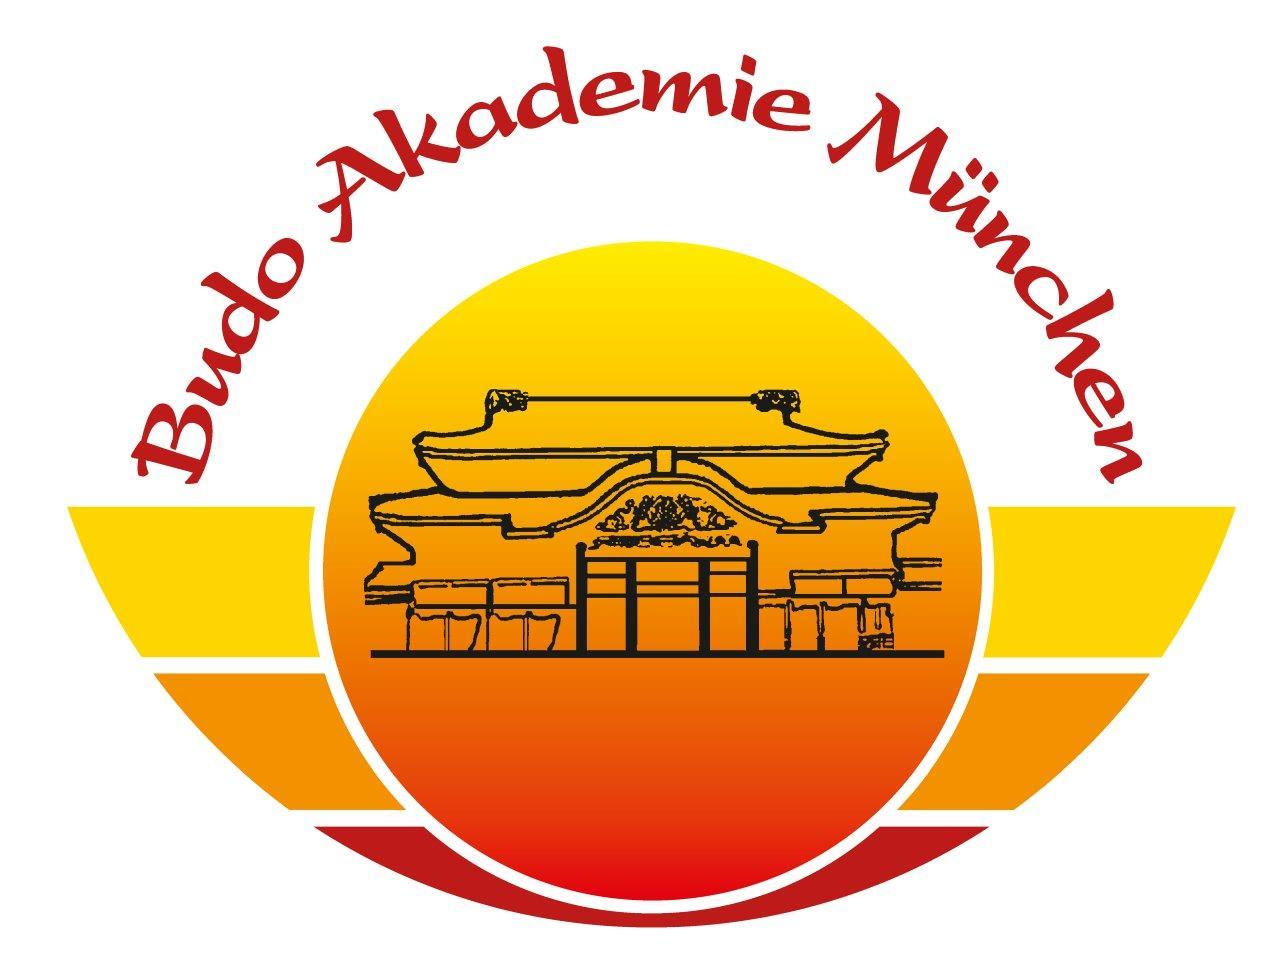 Budo Akademie München